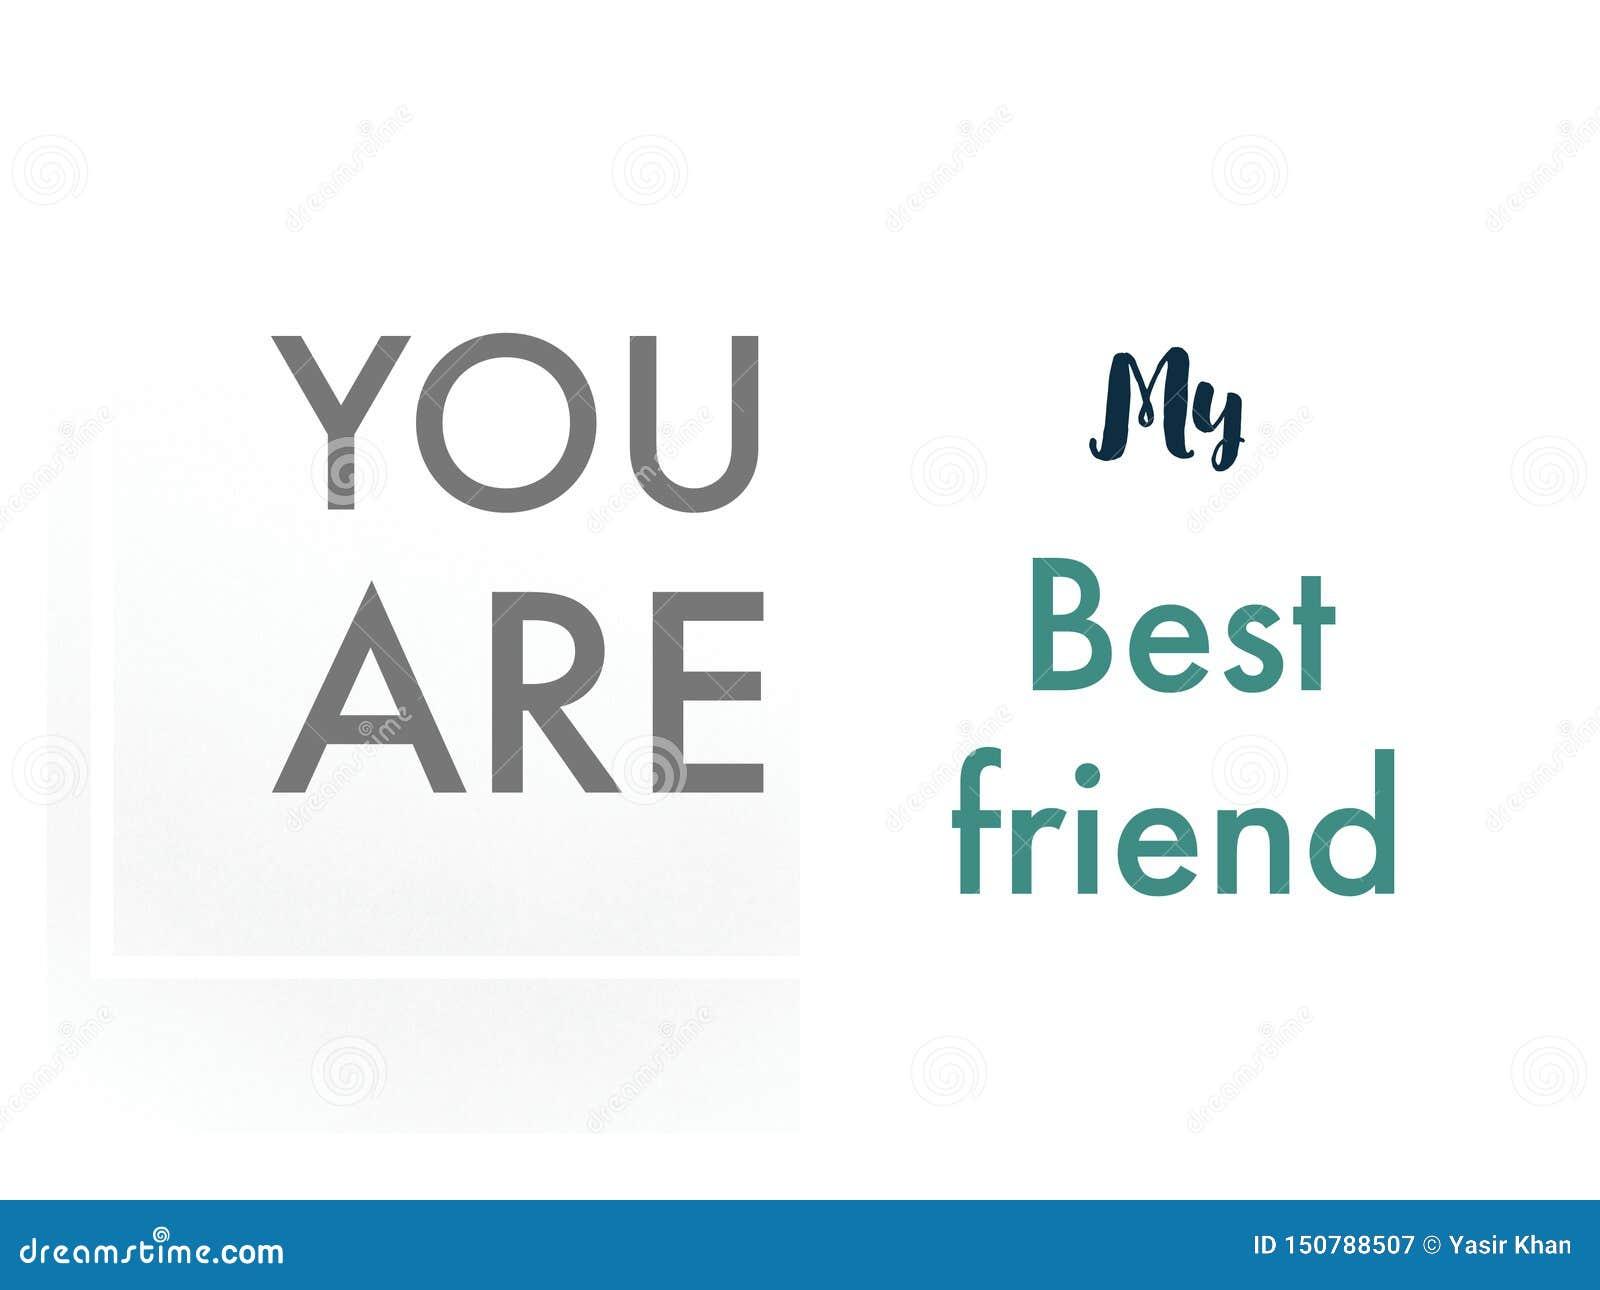 Best is my beautiful friend 13 Reasons